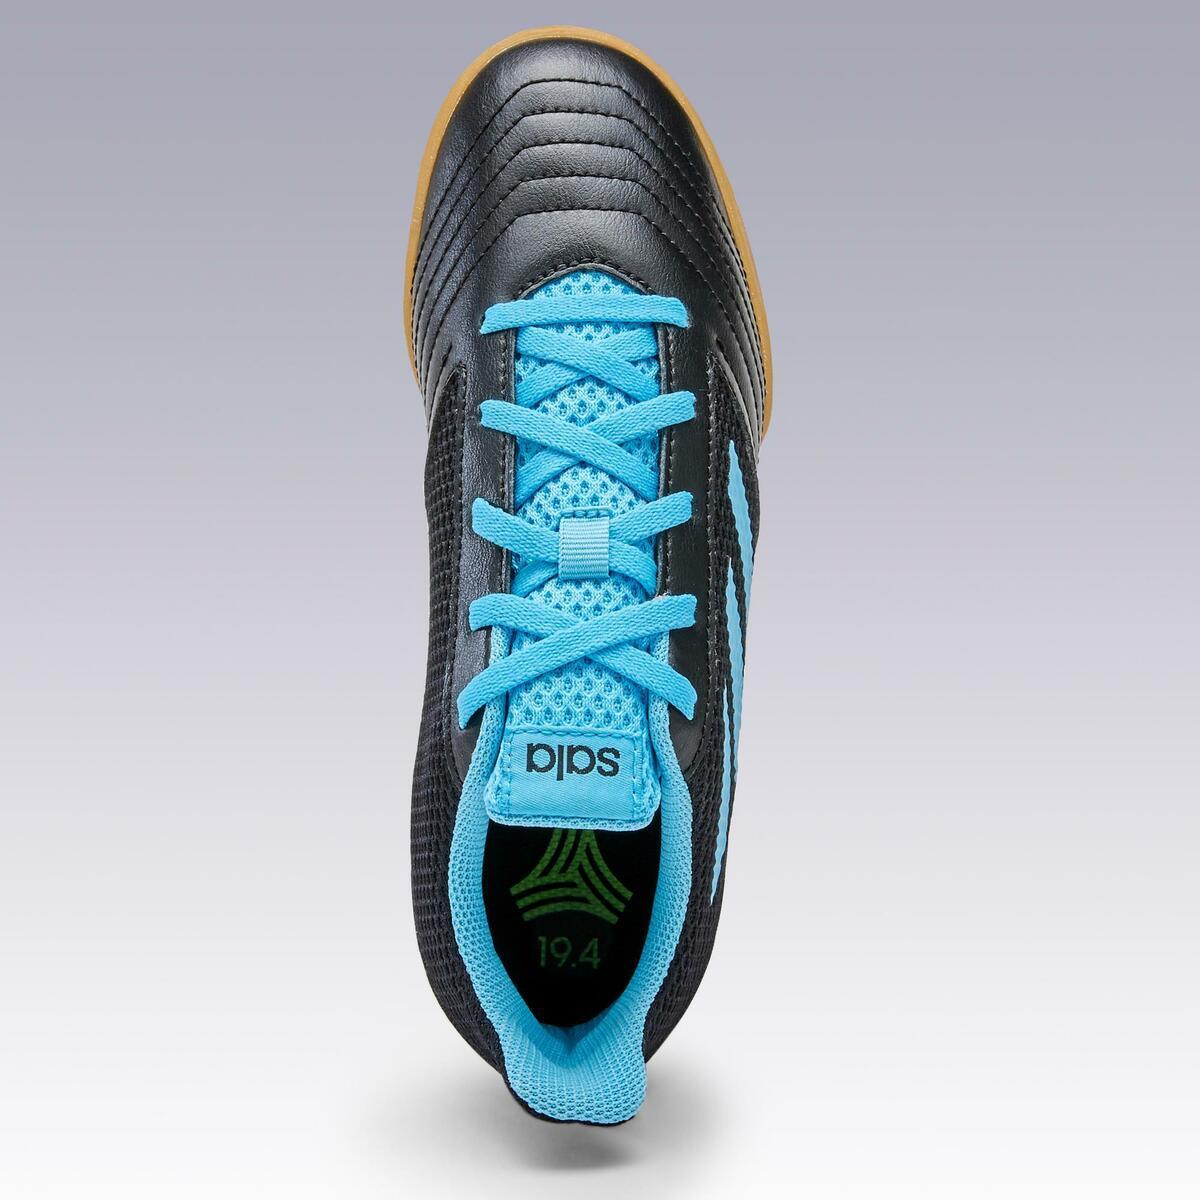 Bild 5 von Hallenschuhe Futsal Fußball Predator schwarz/blau